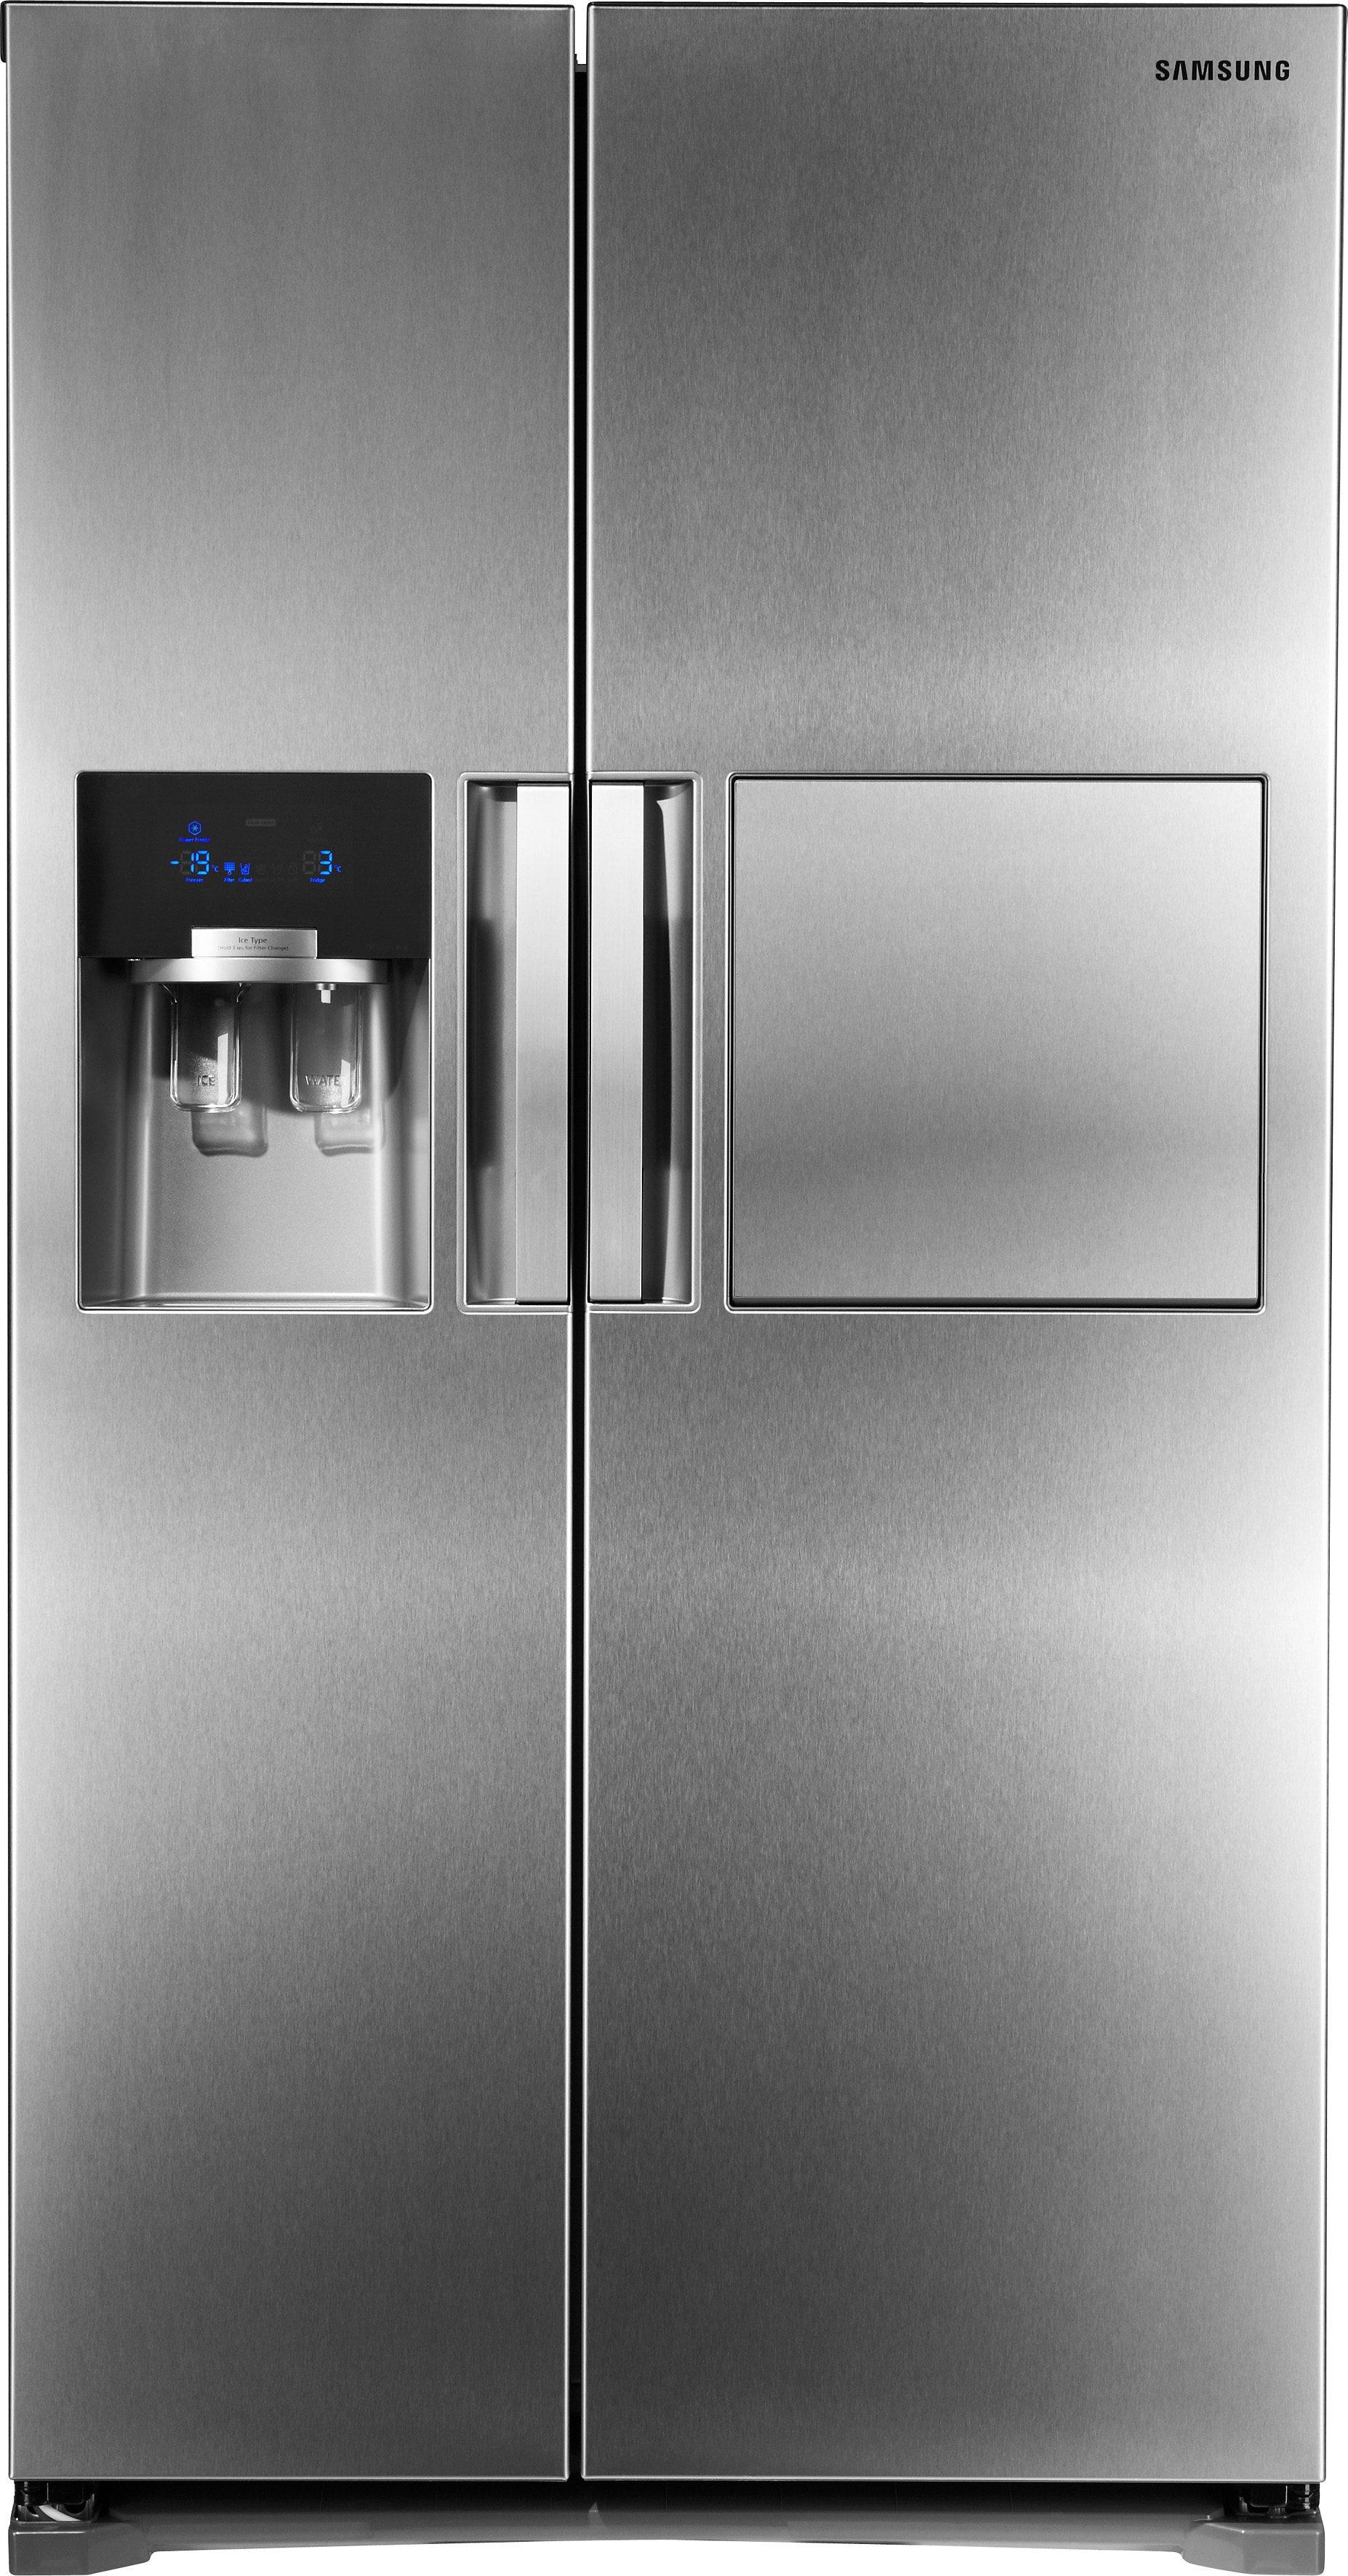 Samsung Side-by-Side RS7778FHCSL/EF, A++, 178,9 cm hoch, Ja, No Frost im Gefrierteil